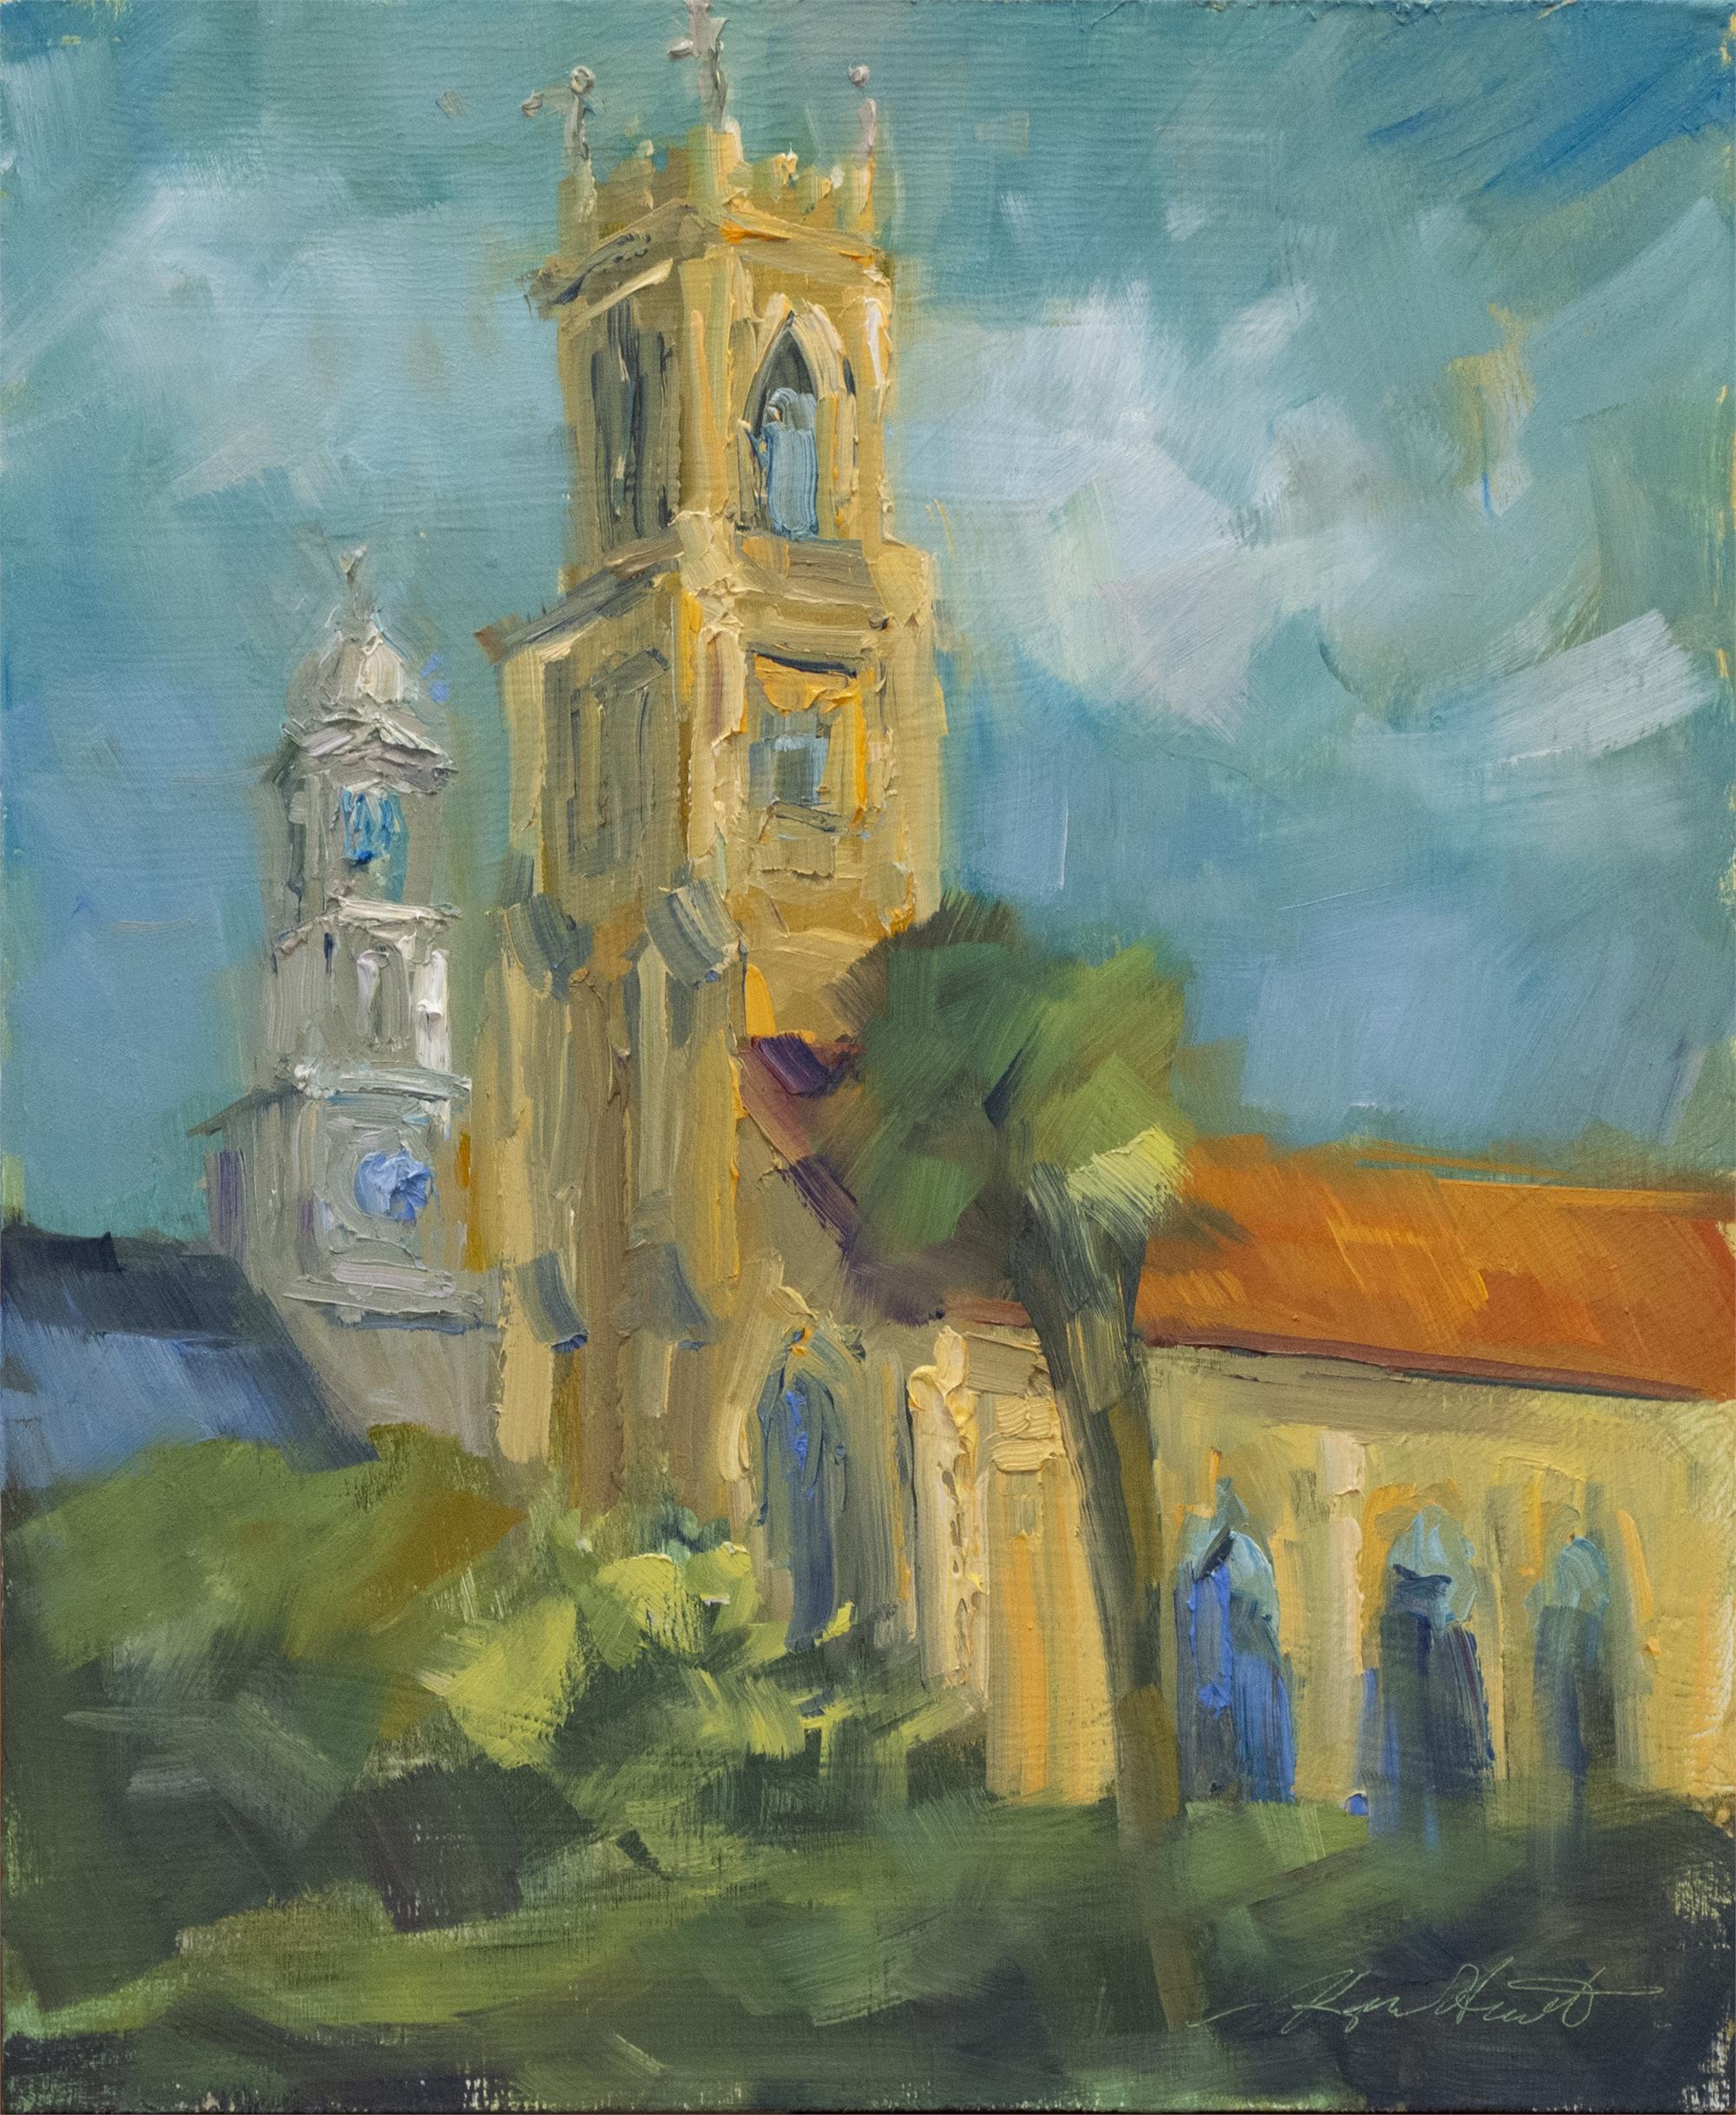 Church on Archdale Street by Karen Hewitt Hagan